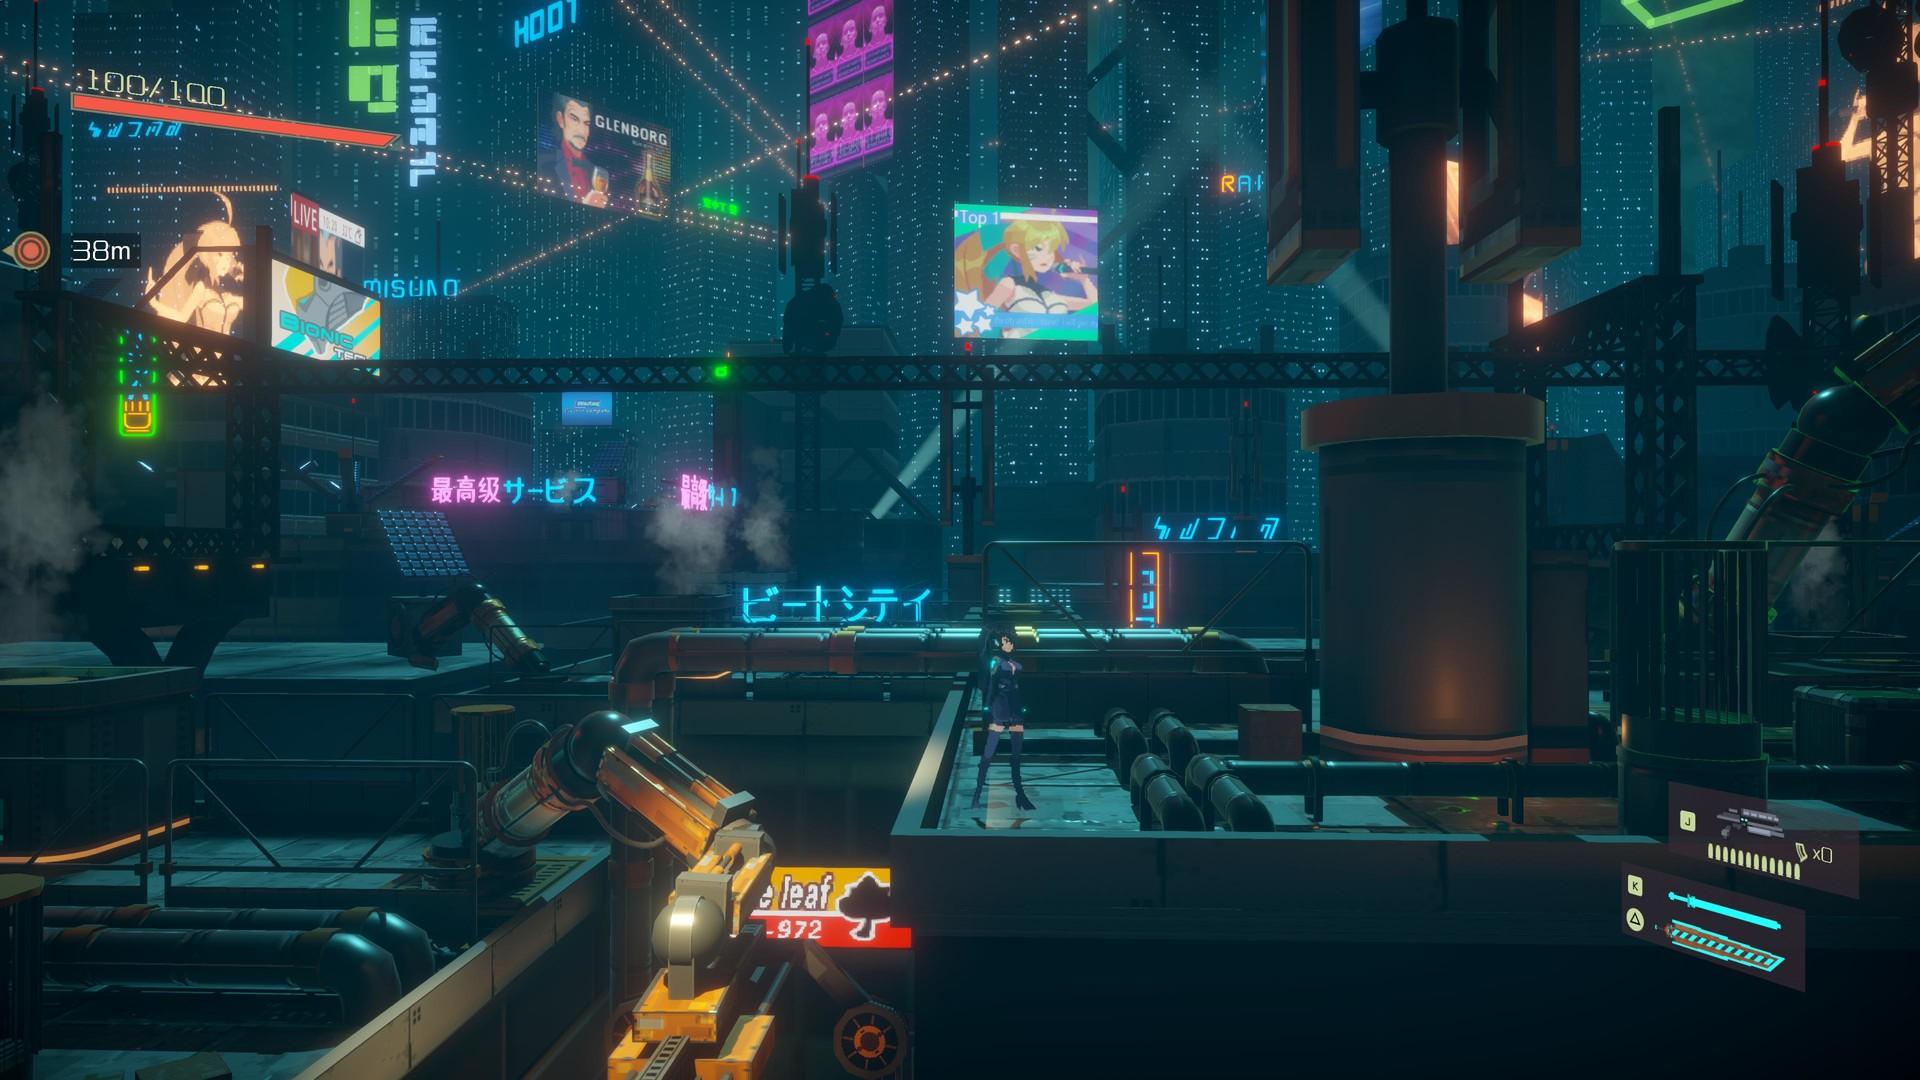 赛博朋克风格RPG《纪元变异》延期 游戏将全面升级